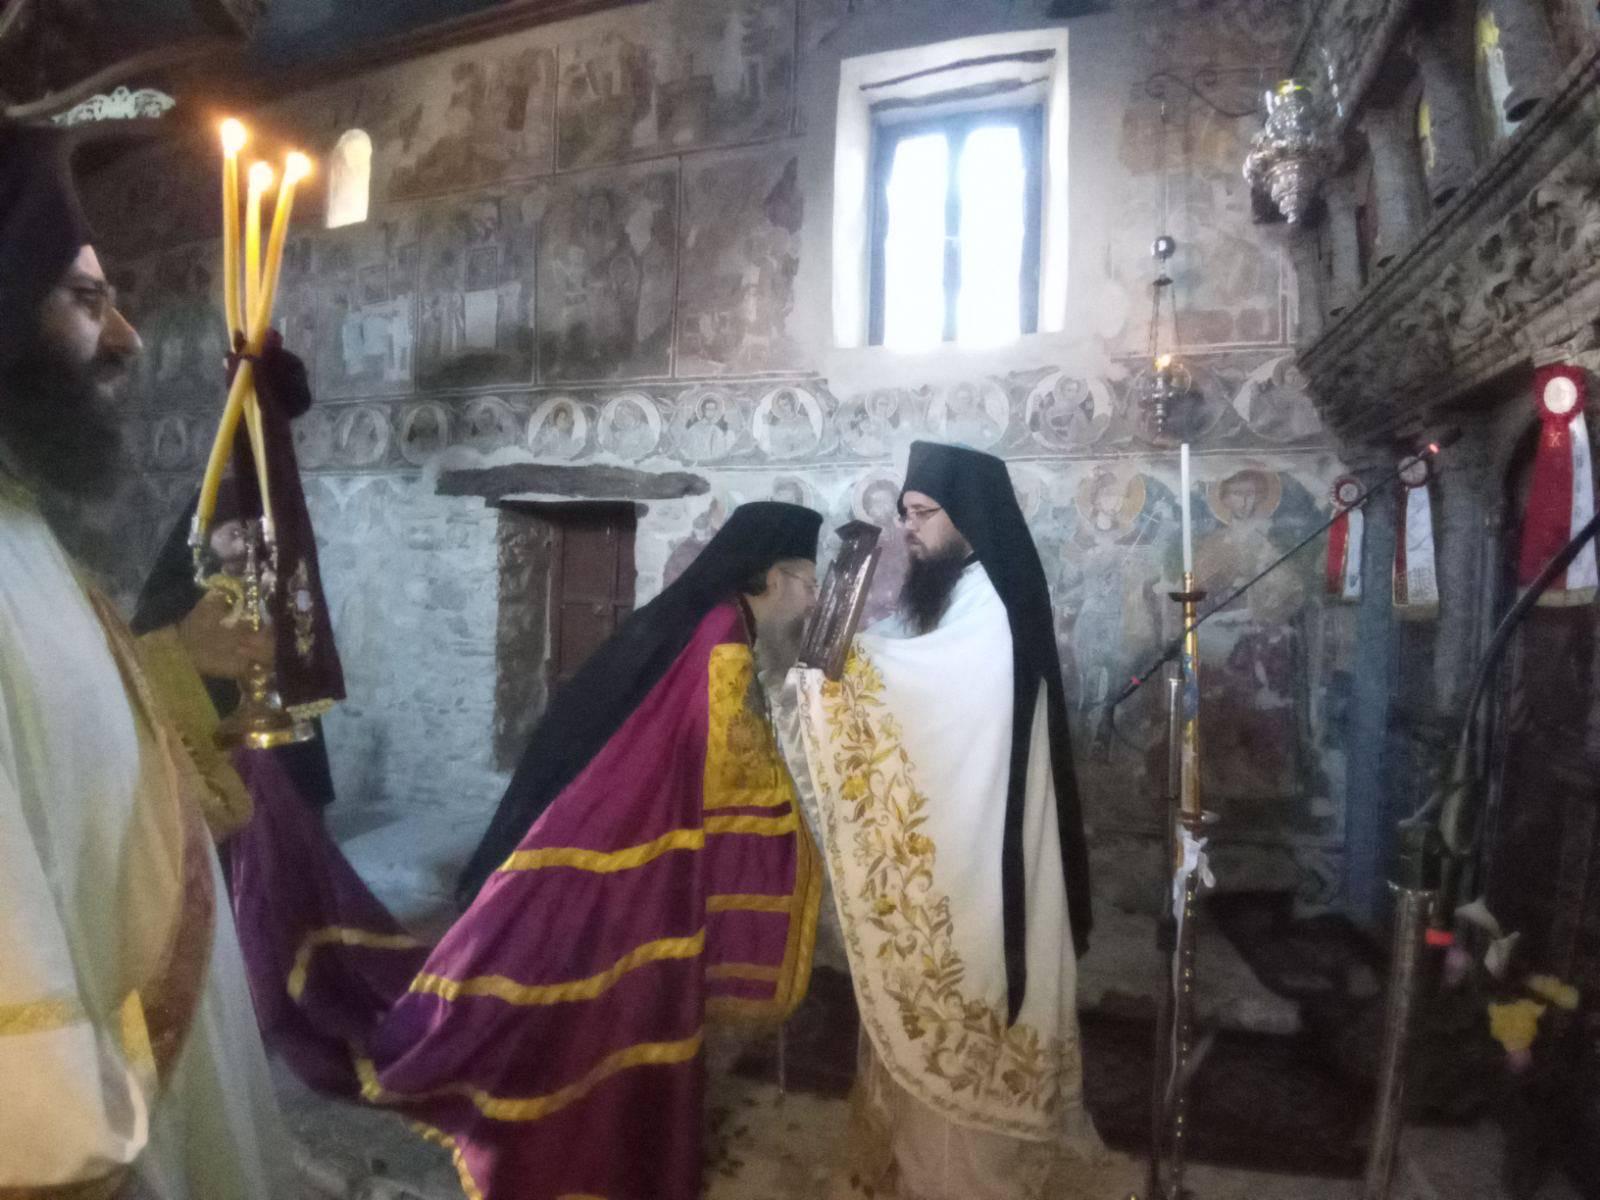 Αρχιερατική Θεία Λειτουργία Αγίου Μεγαλομάρτυρος Χριστοφόρου στο Μοναστήρι Αγίου Ιωάννου στο Λιβάδι της Καρυάς